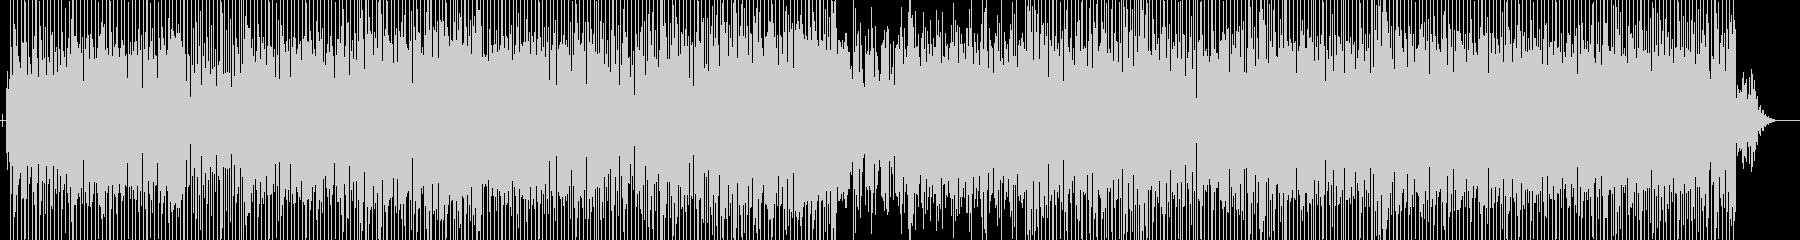 アップビートのジャズハウスダンスチ...の未再生の波形